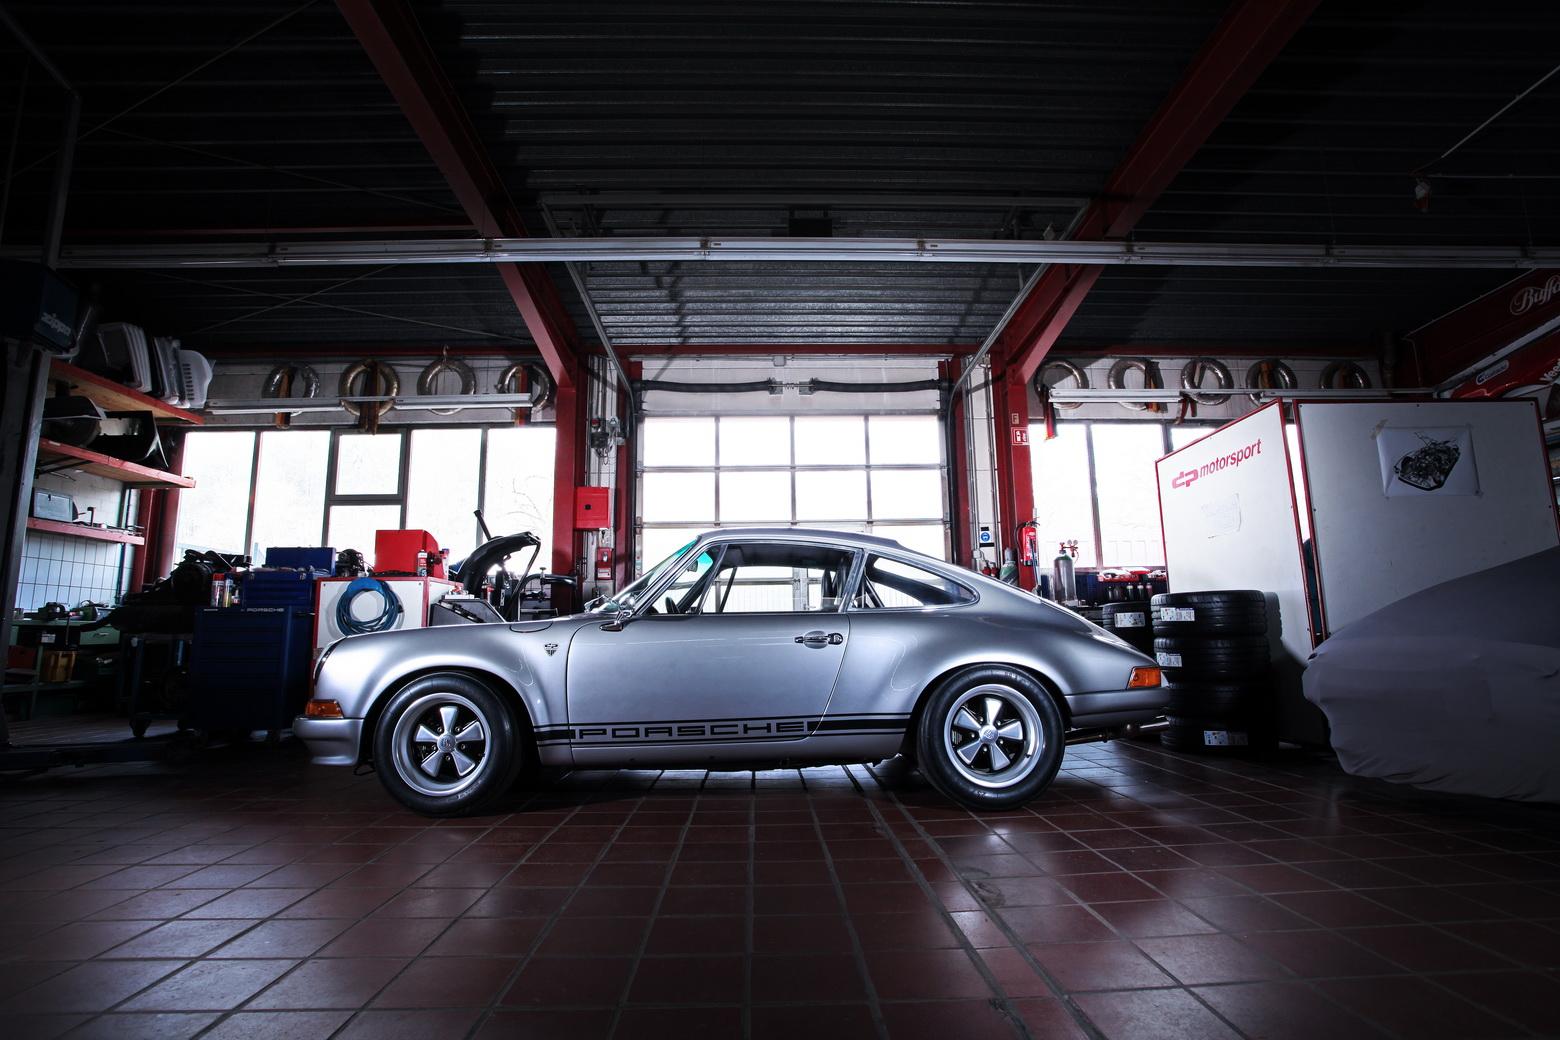 Porsche-911-S-T-1985-by-dp-Motorsport-3